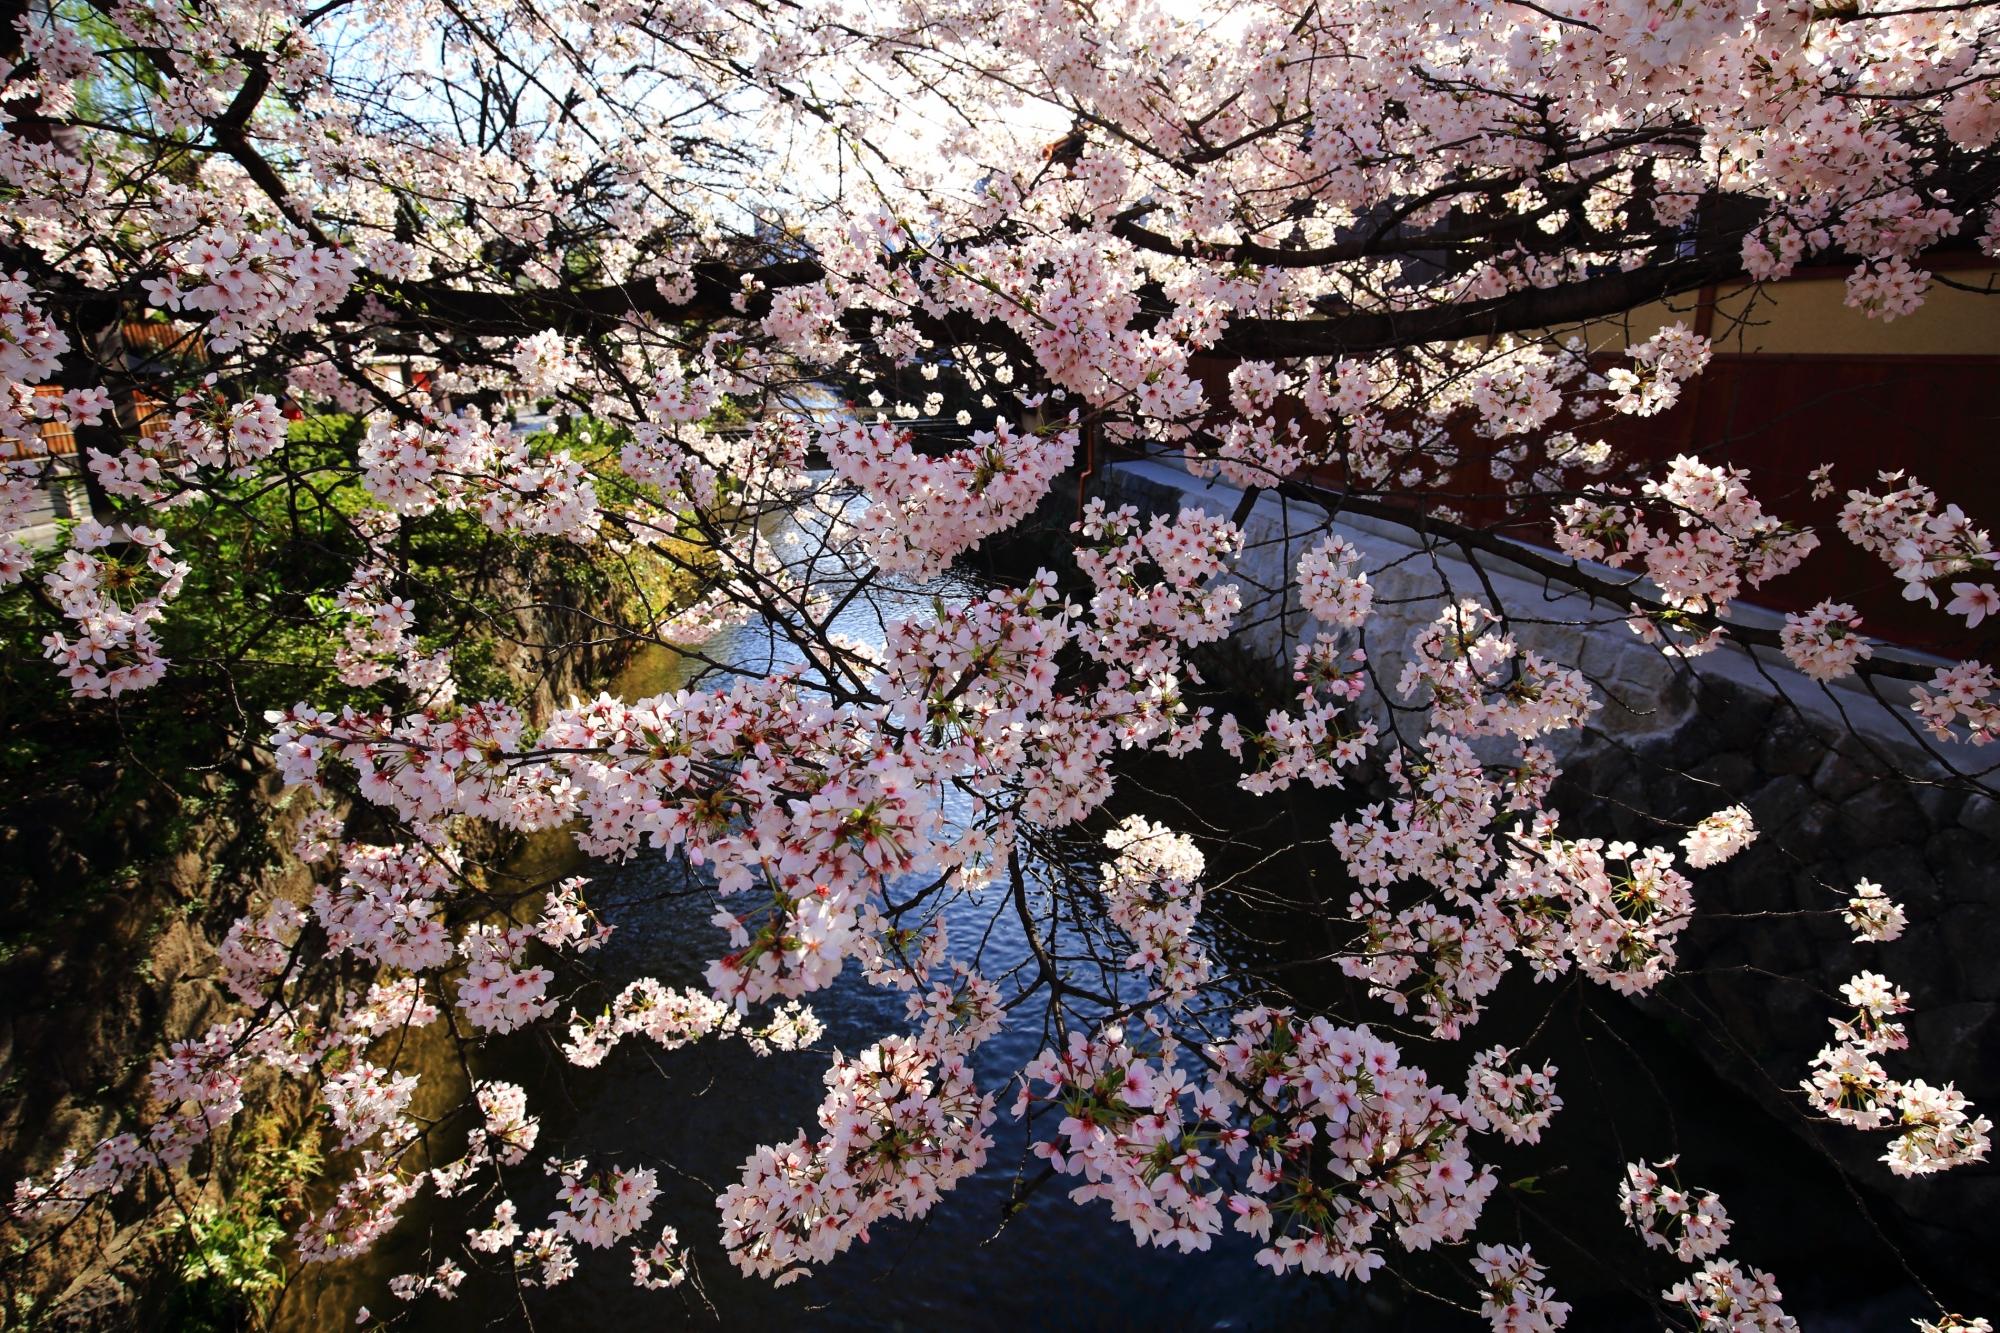 水辺を彩る夢のようにふわふわした桜